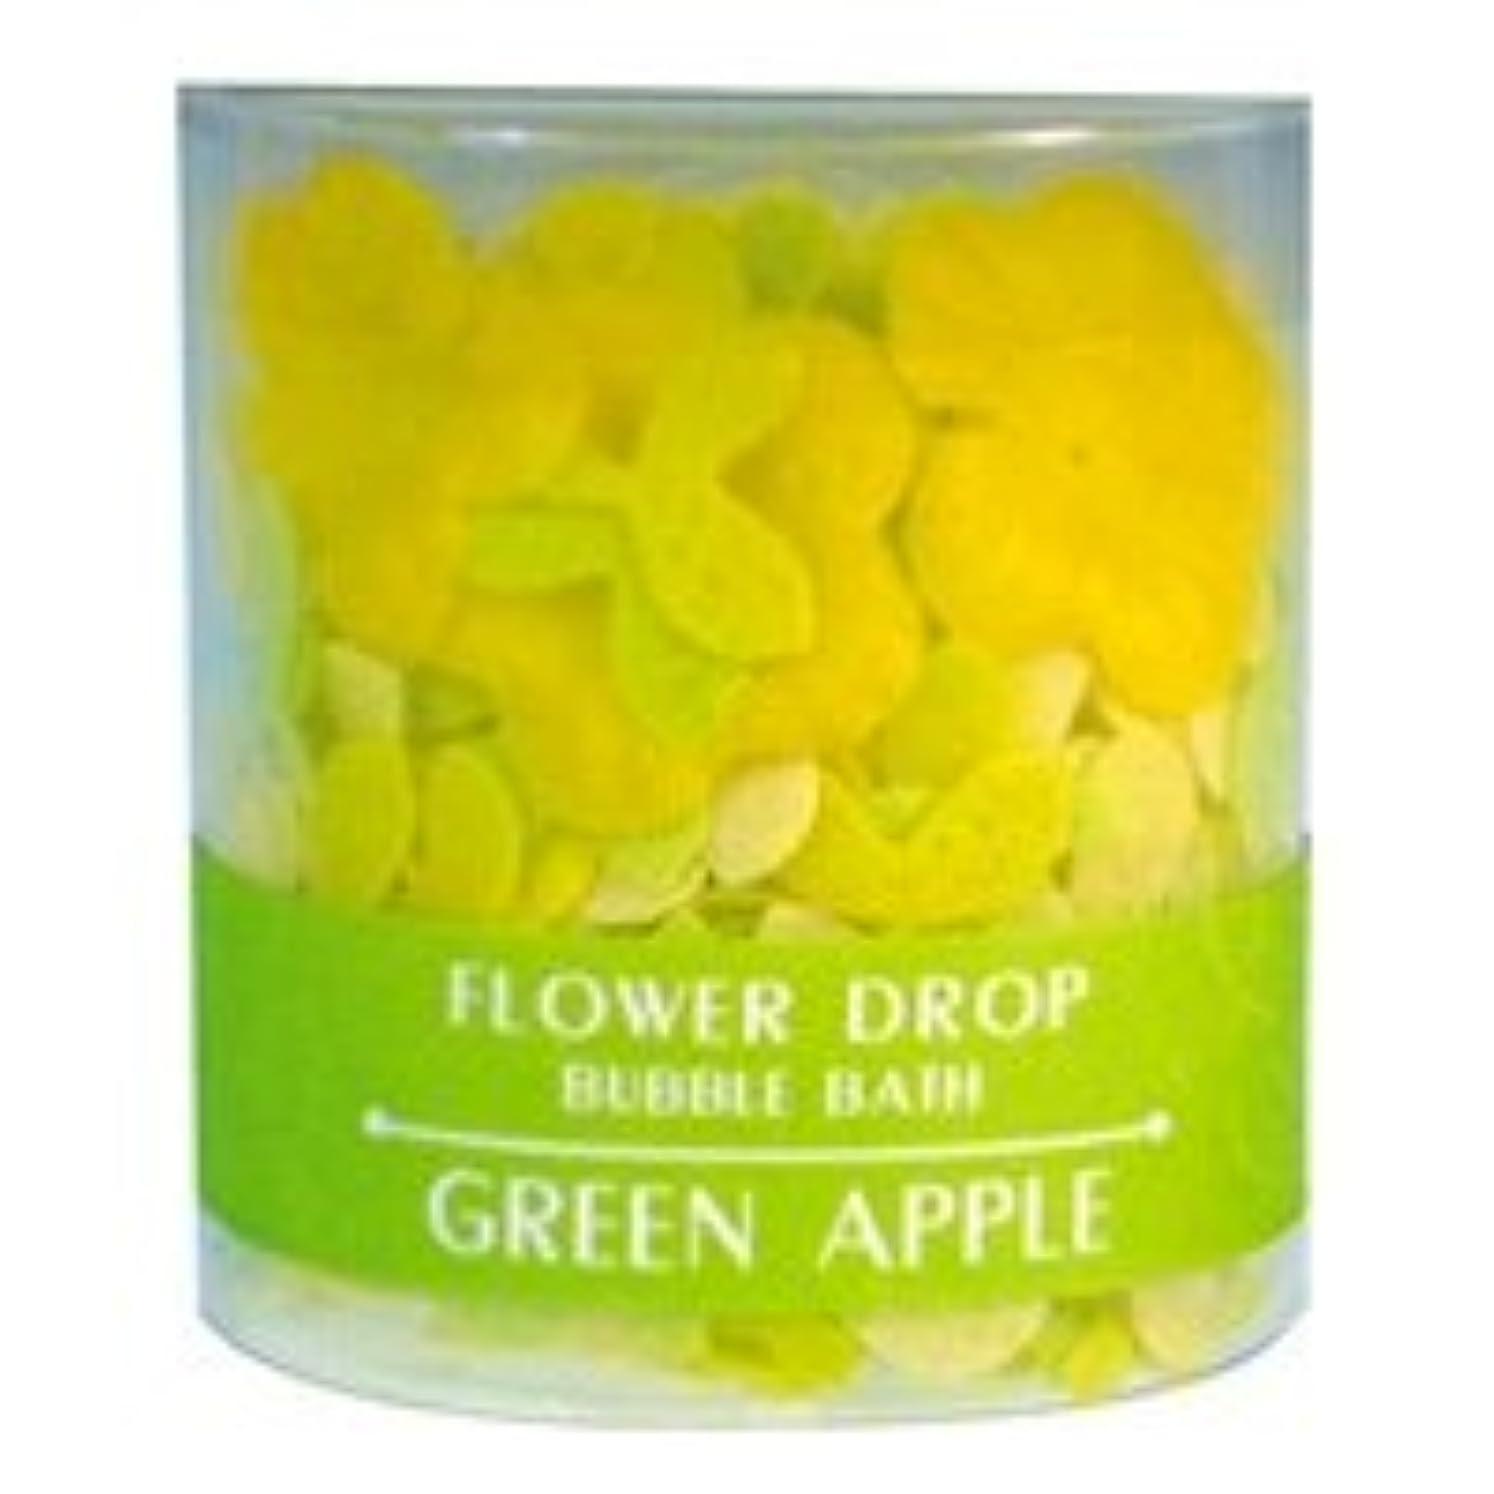 下着まさに病的フラワードロップ「グリーンアップル」20個セット 二葉の形のペタル